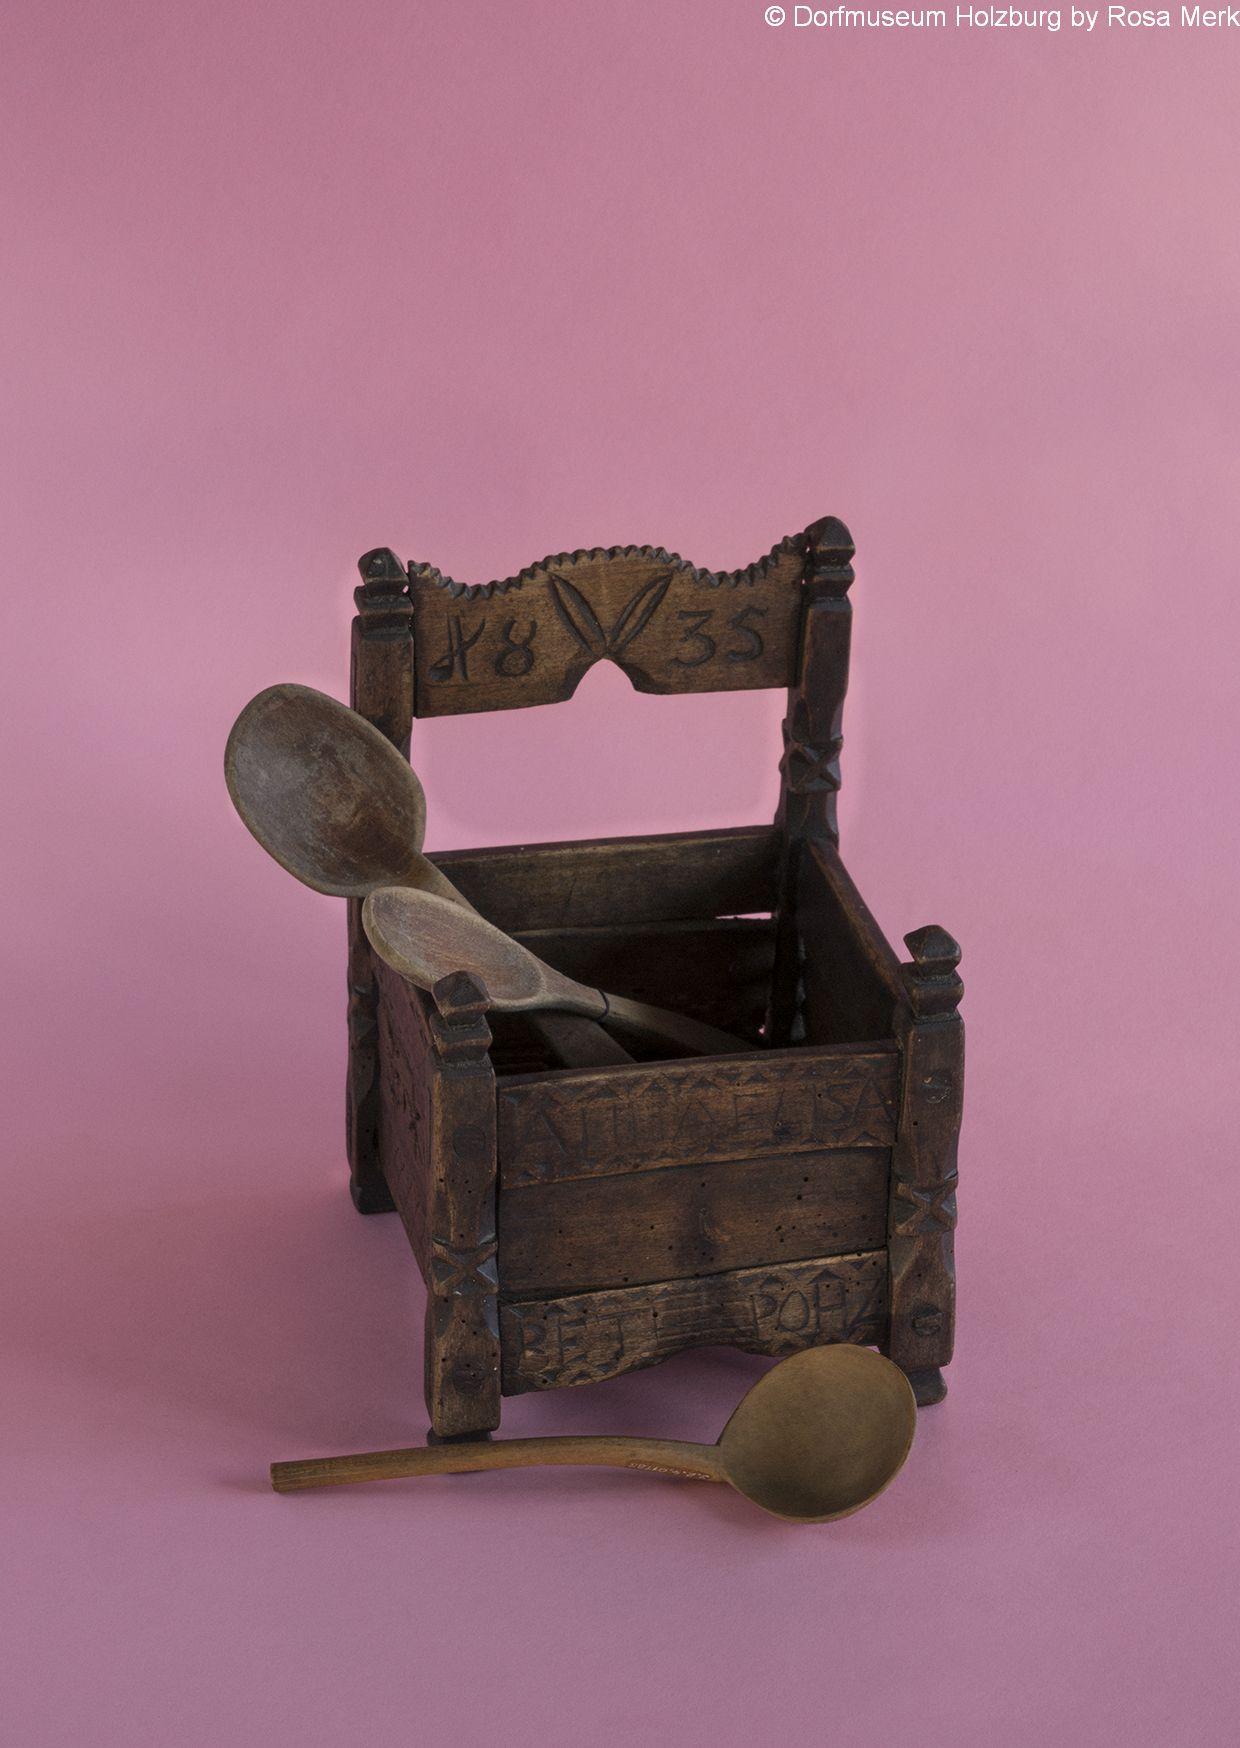 """Löffelkasten,1835, Holz, vorne eingraviert """"ANNA ELISABETH POHL 1835"""""""